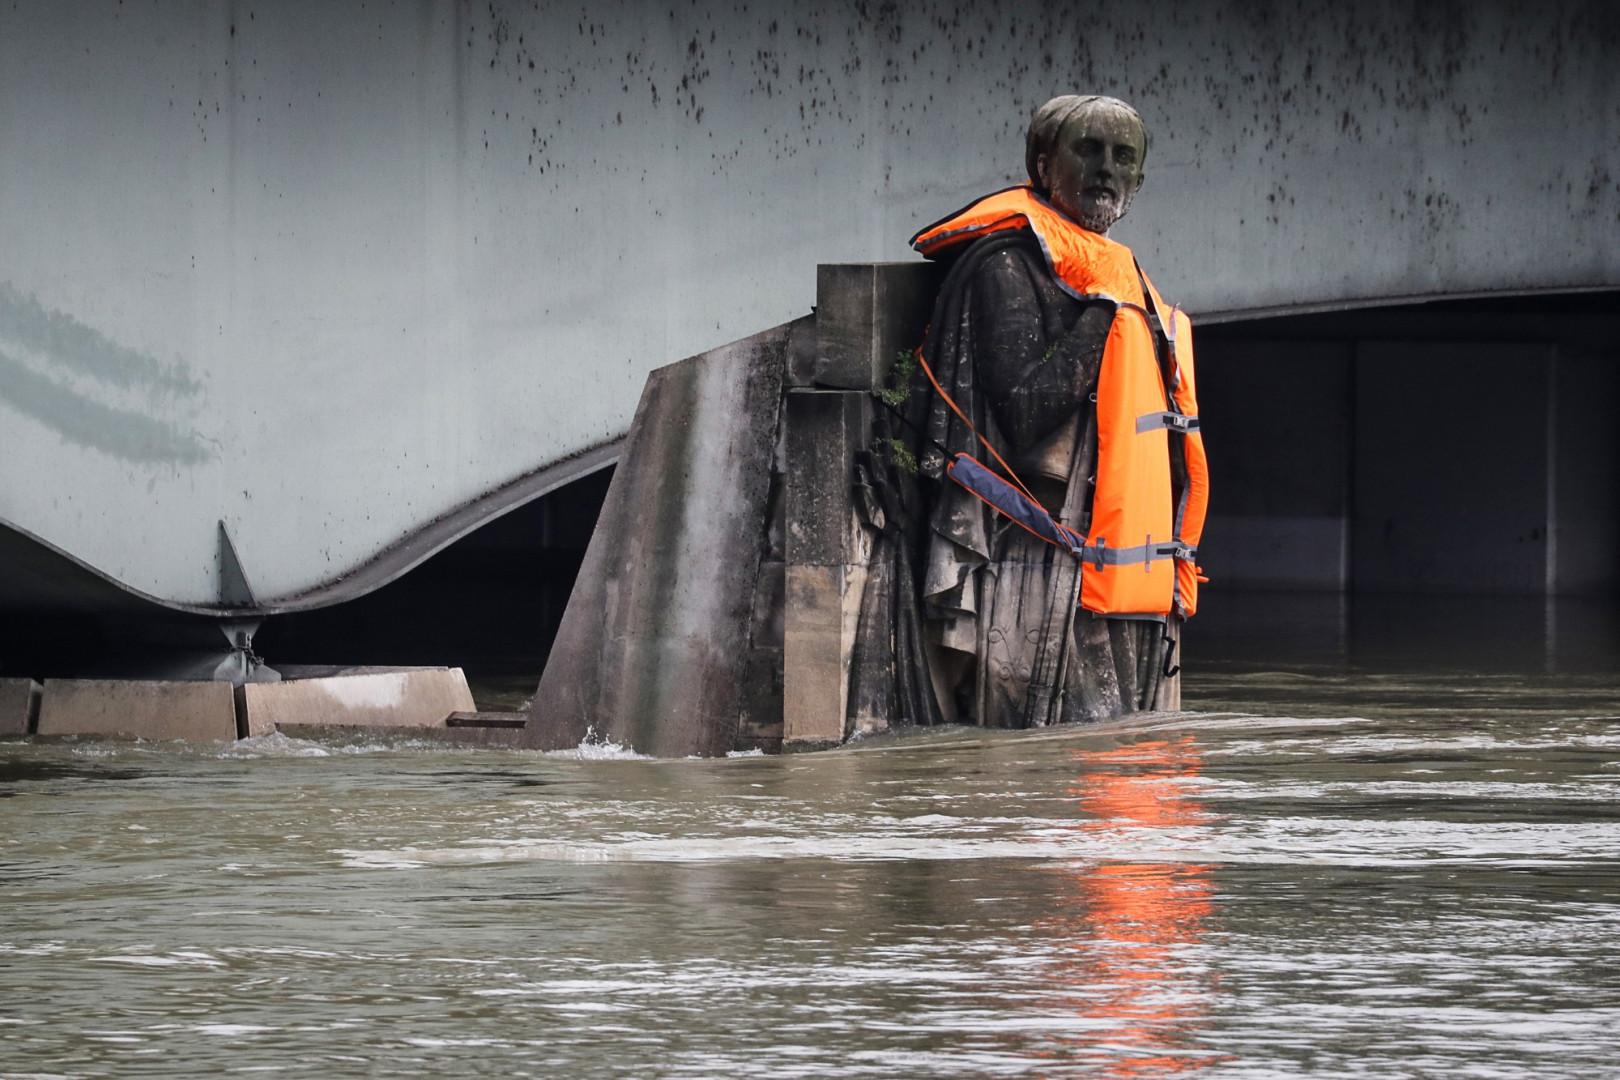 Le zouave du pont de l'Alma, toujours la moitié du corps immergée dans la Seine ce 4 février au cours d'une lente décrue, s'est vu revêtir un gilet de sauvetage pour une opération de communication